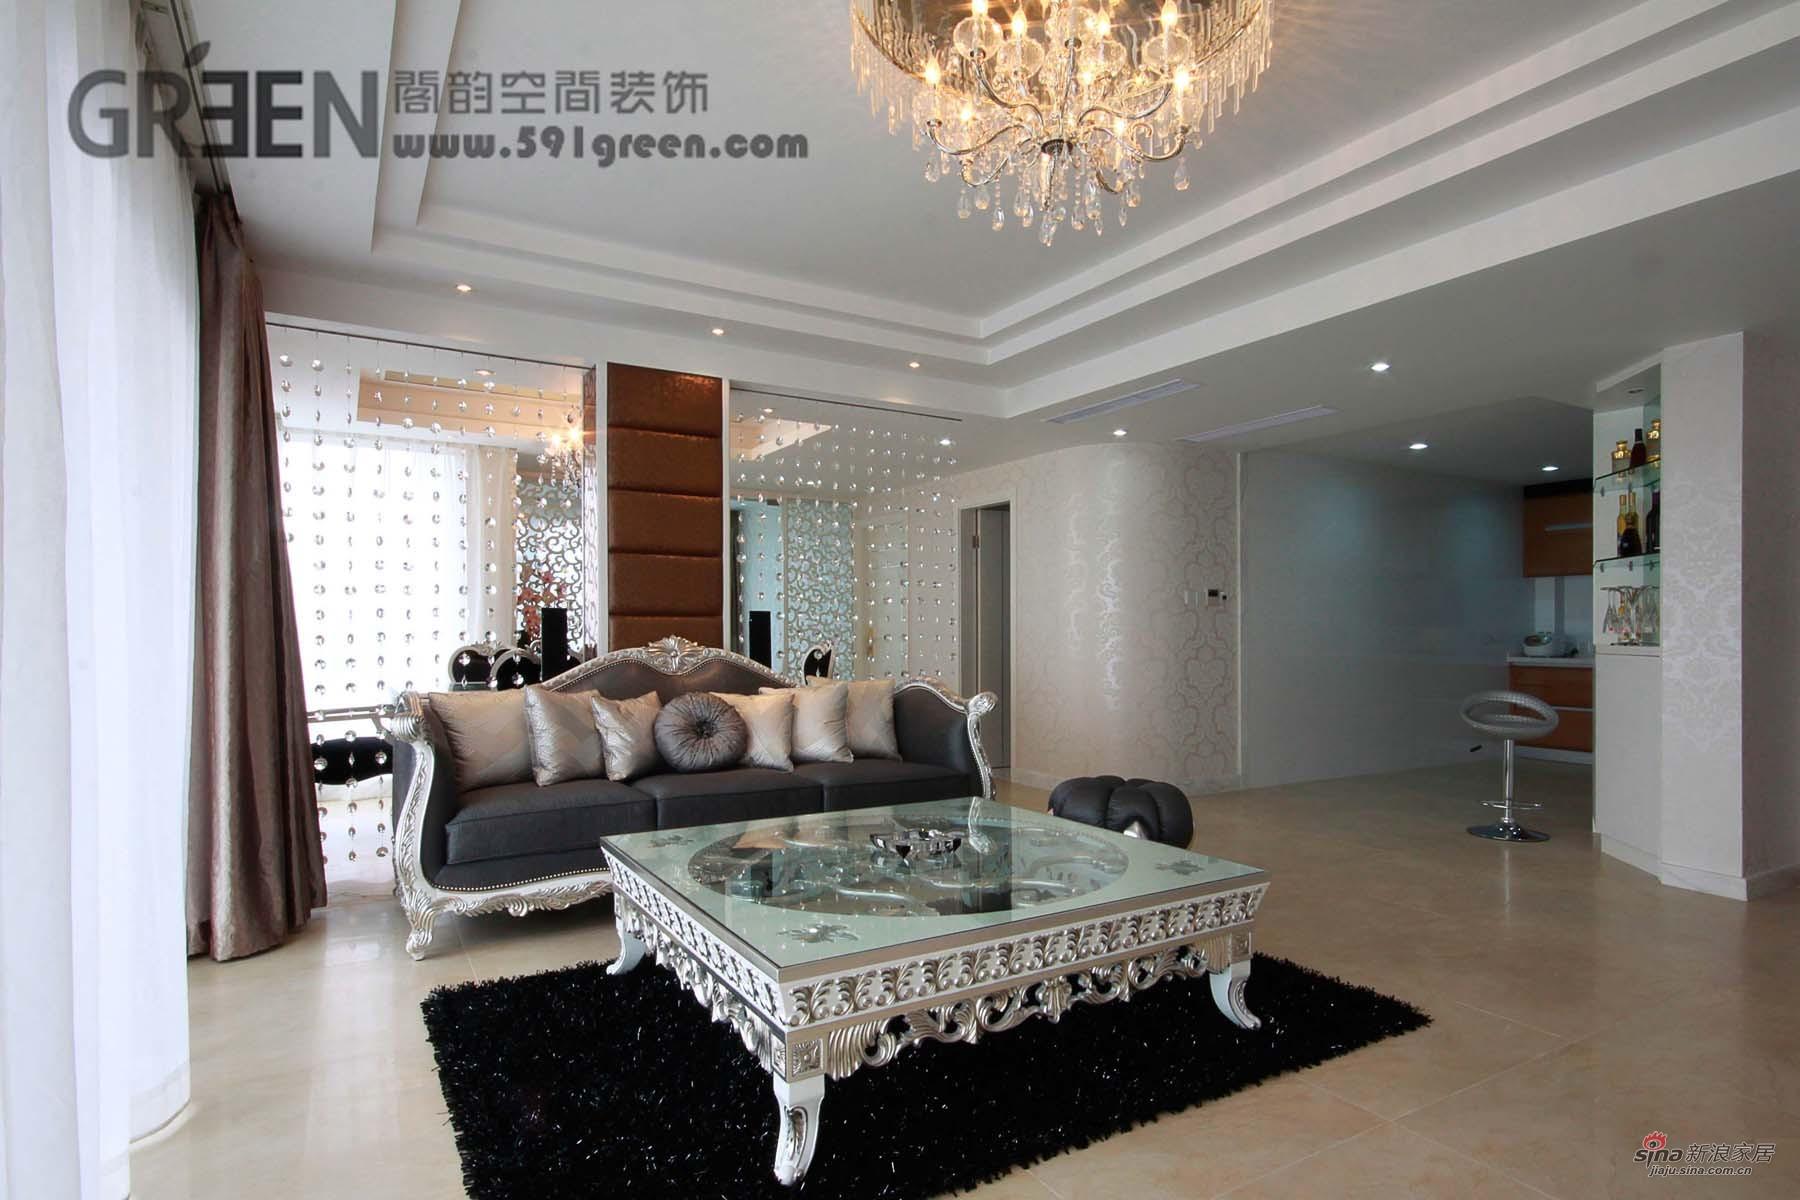 欧式 三居 客厅图片来自用户2772873991在黄浦江岸的豪宅43的分享